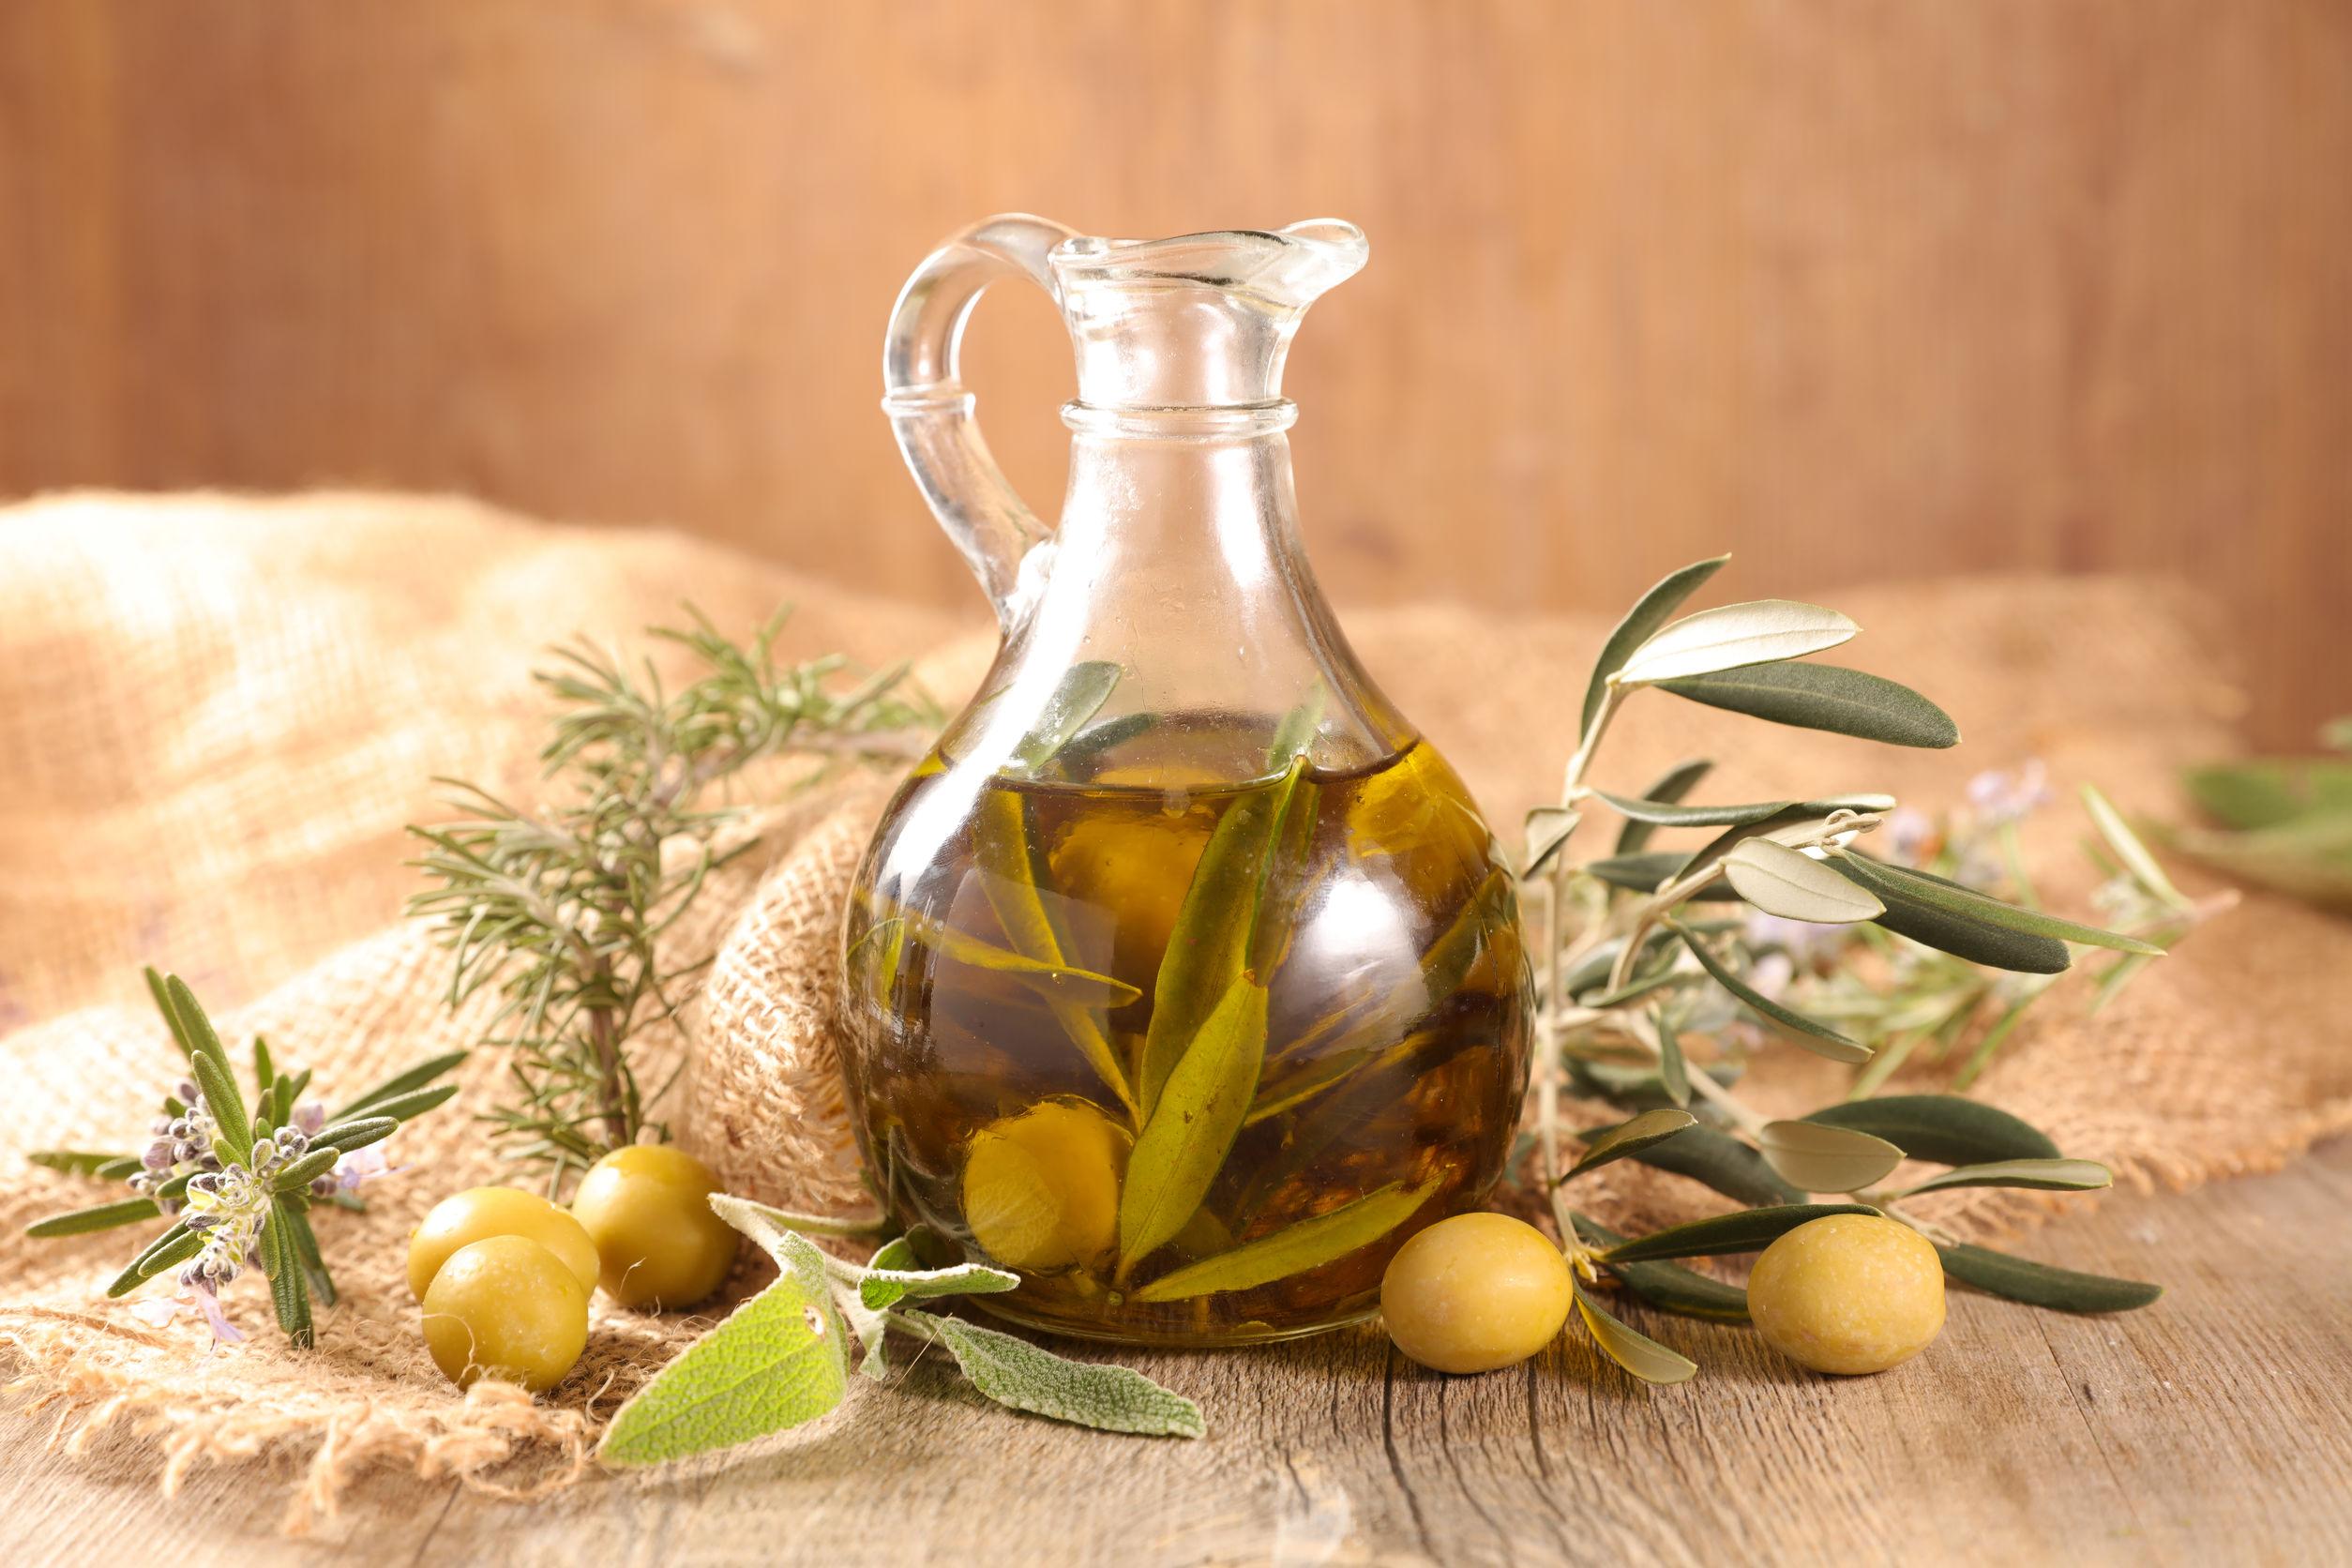 Jarra de aceite de olivo con hojas en su interior